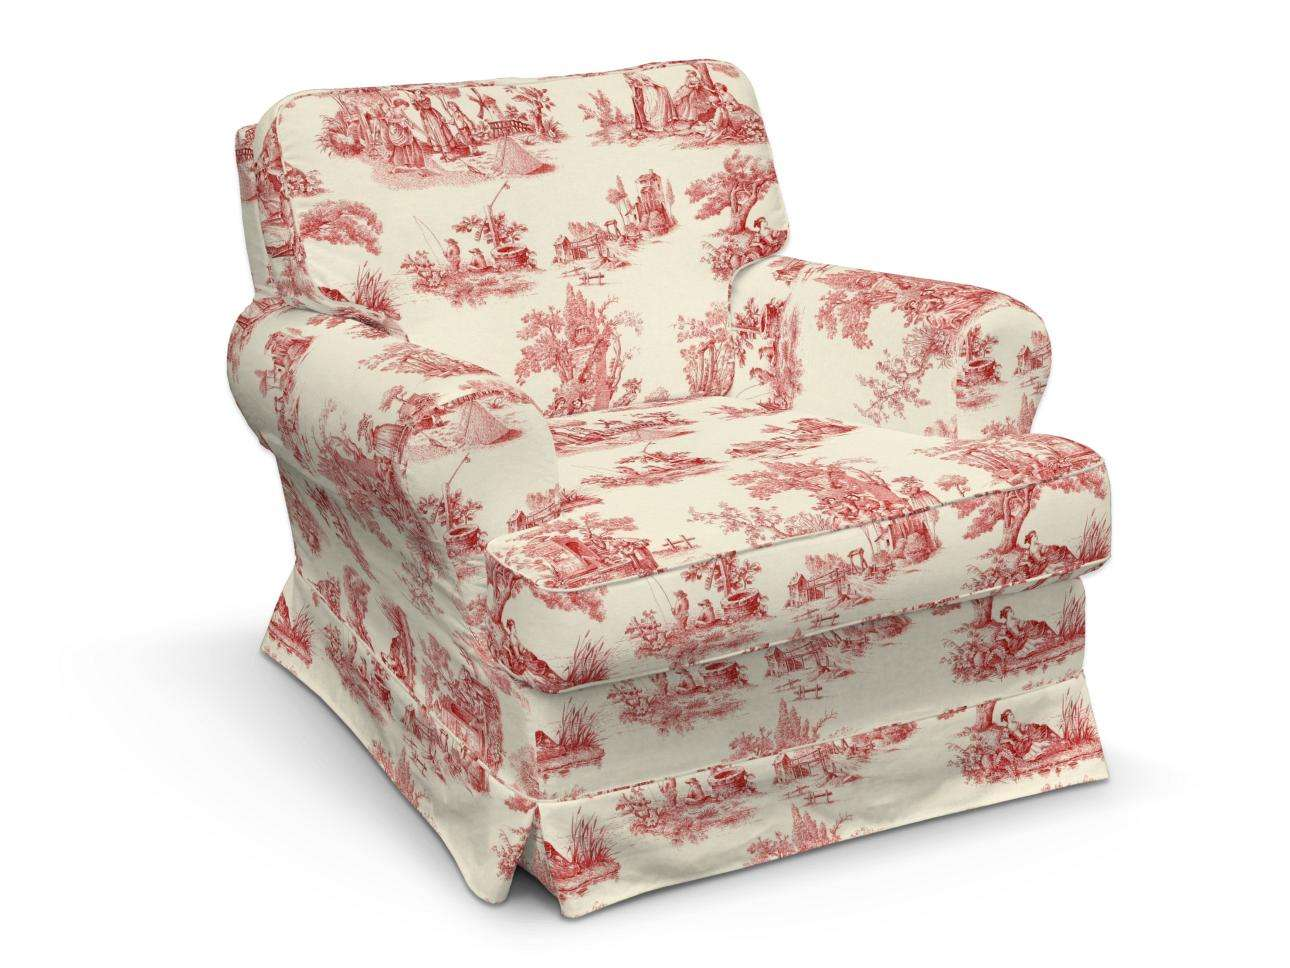 Pokrowiec na fotel Barkaby w kolekcji Avinon, tkanina: 132-15